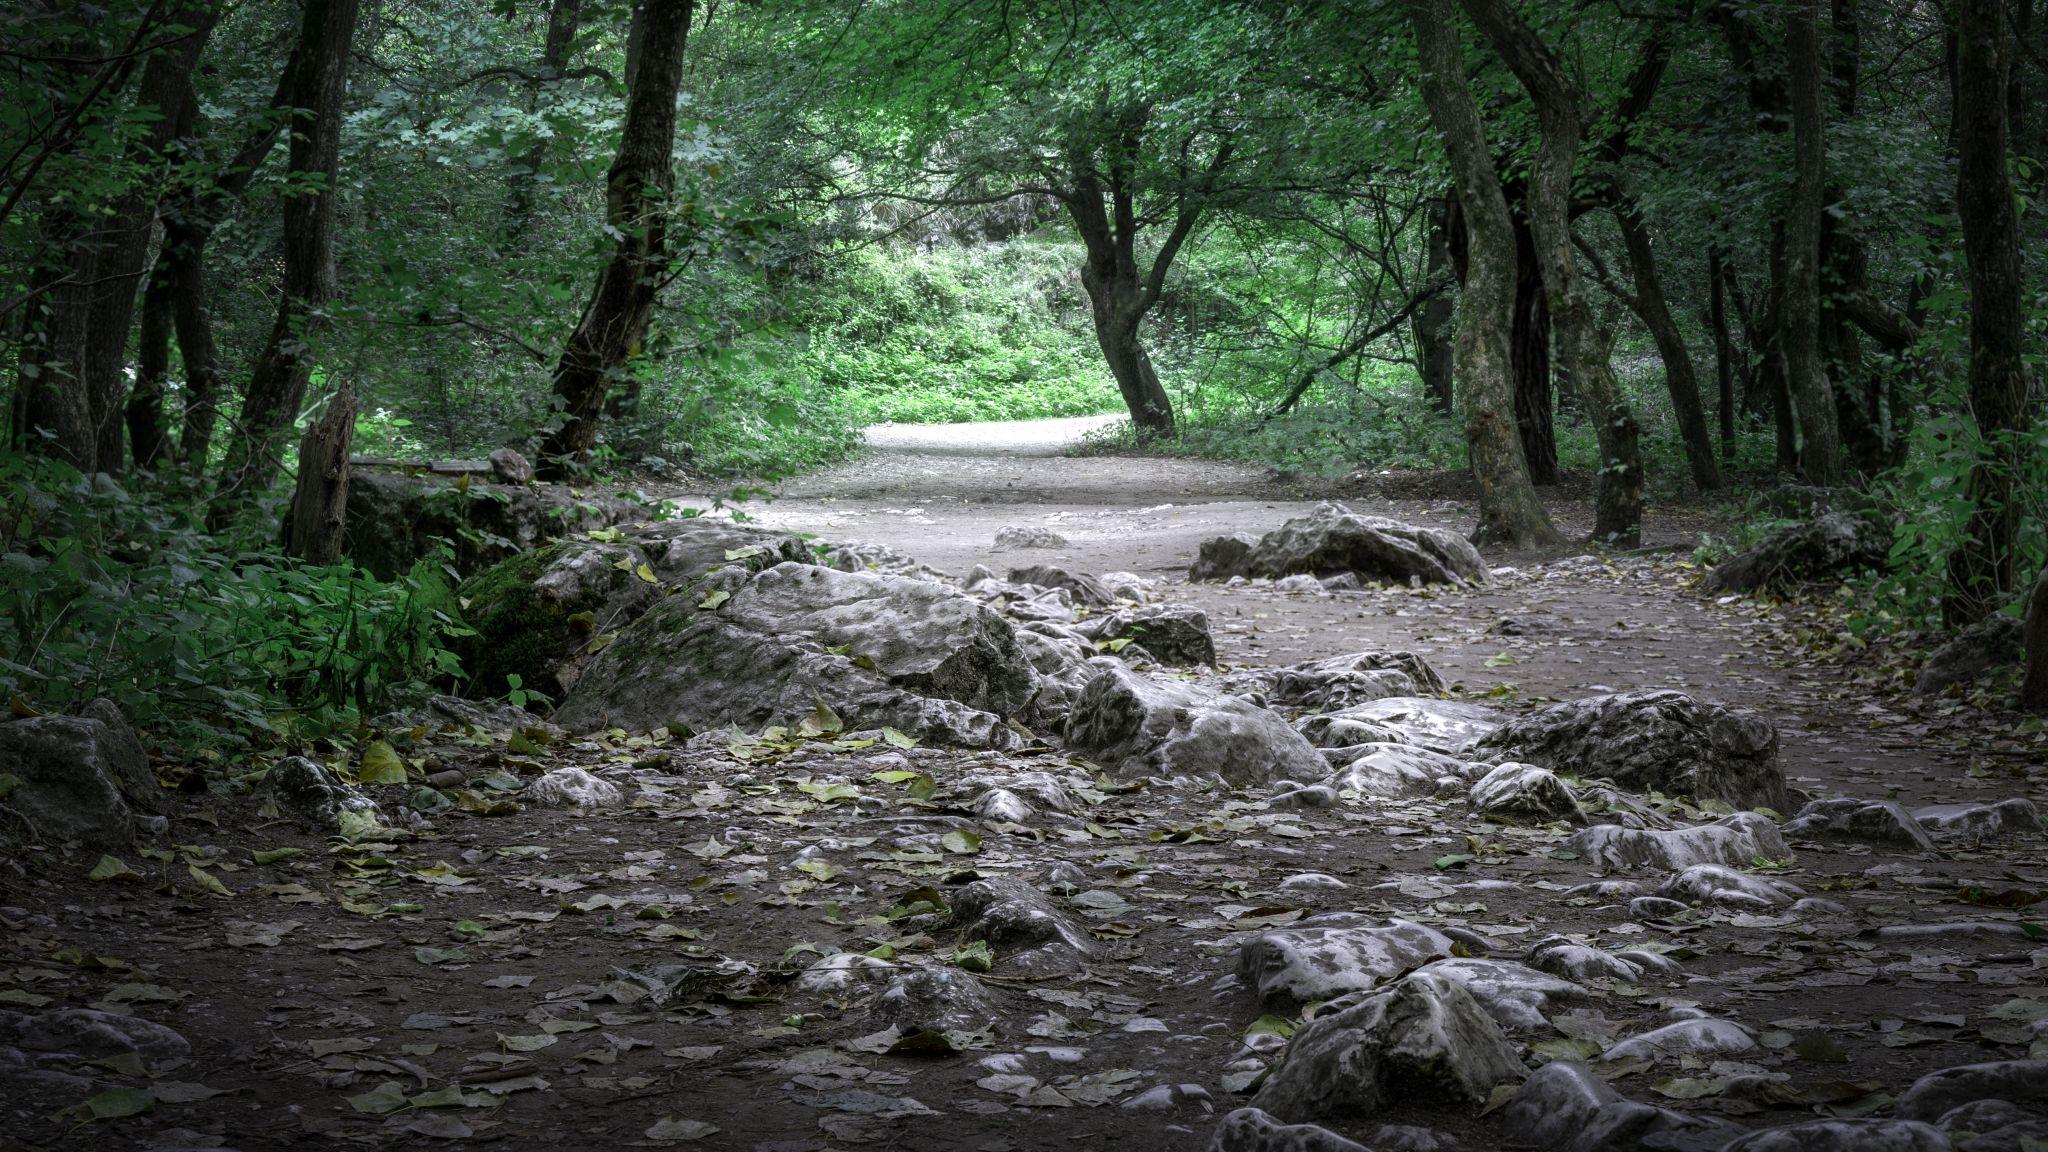 Turda Gorge Forest, Romania